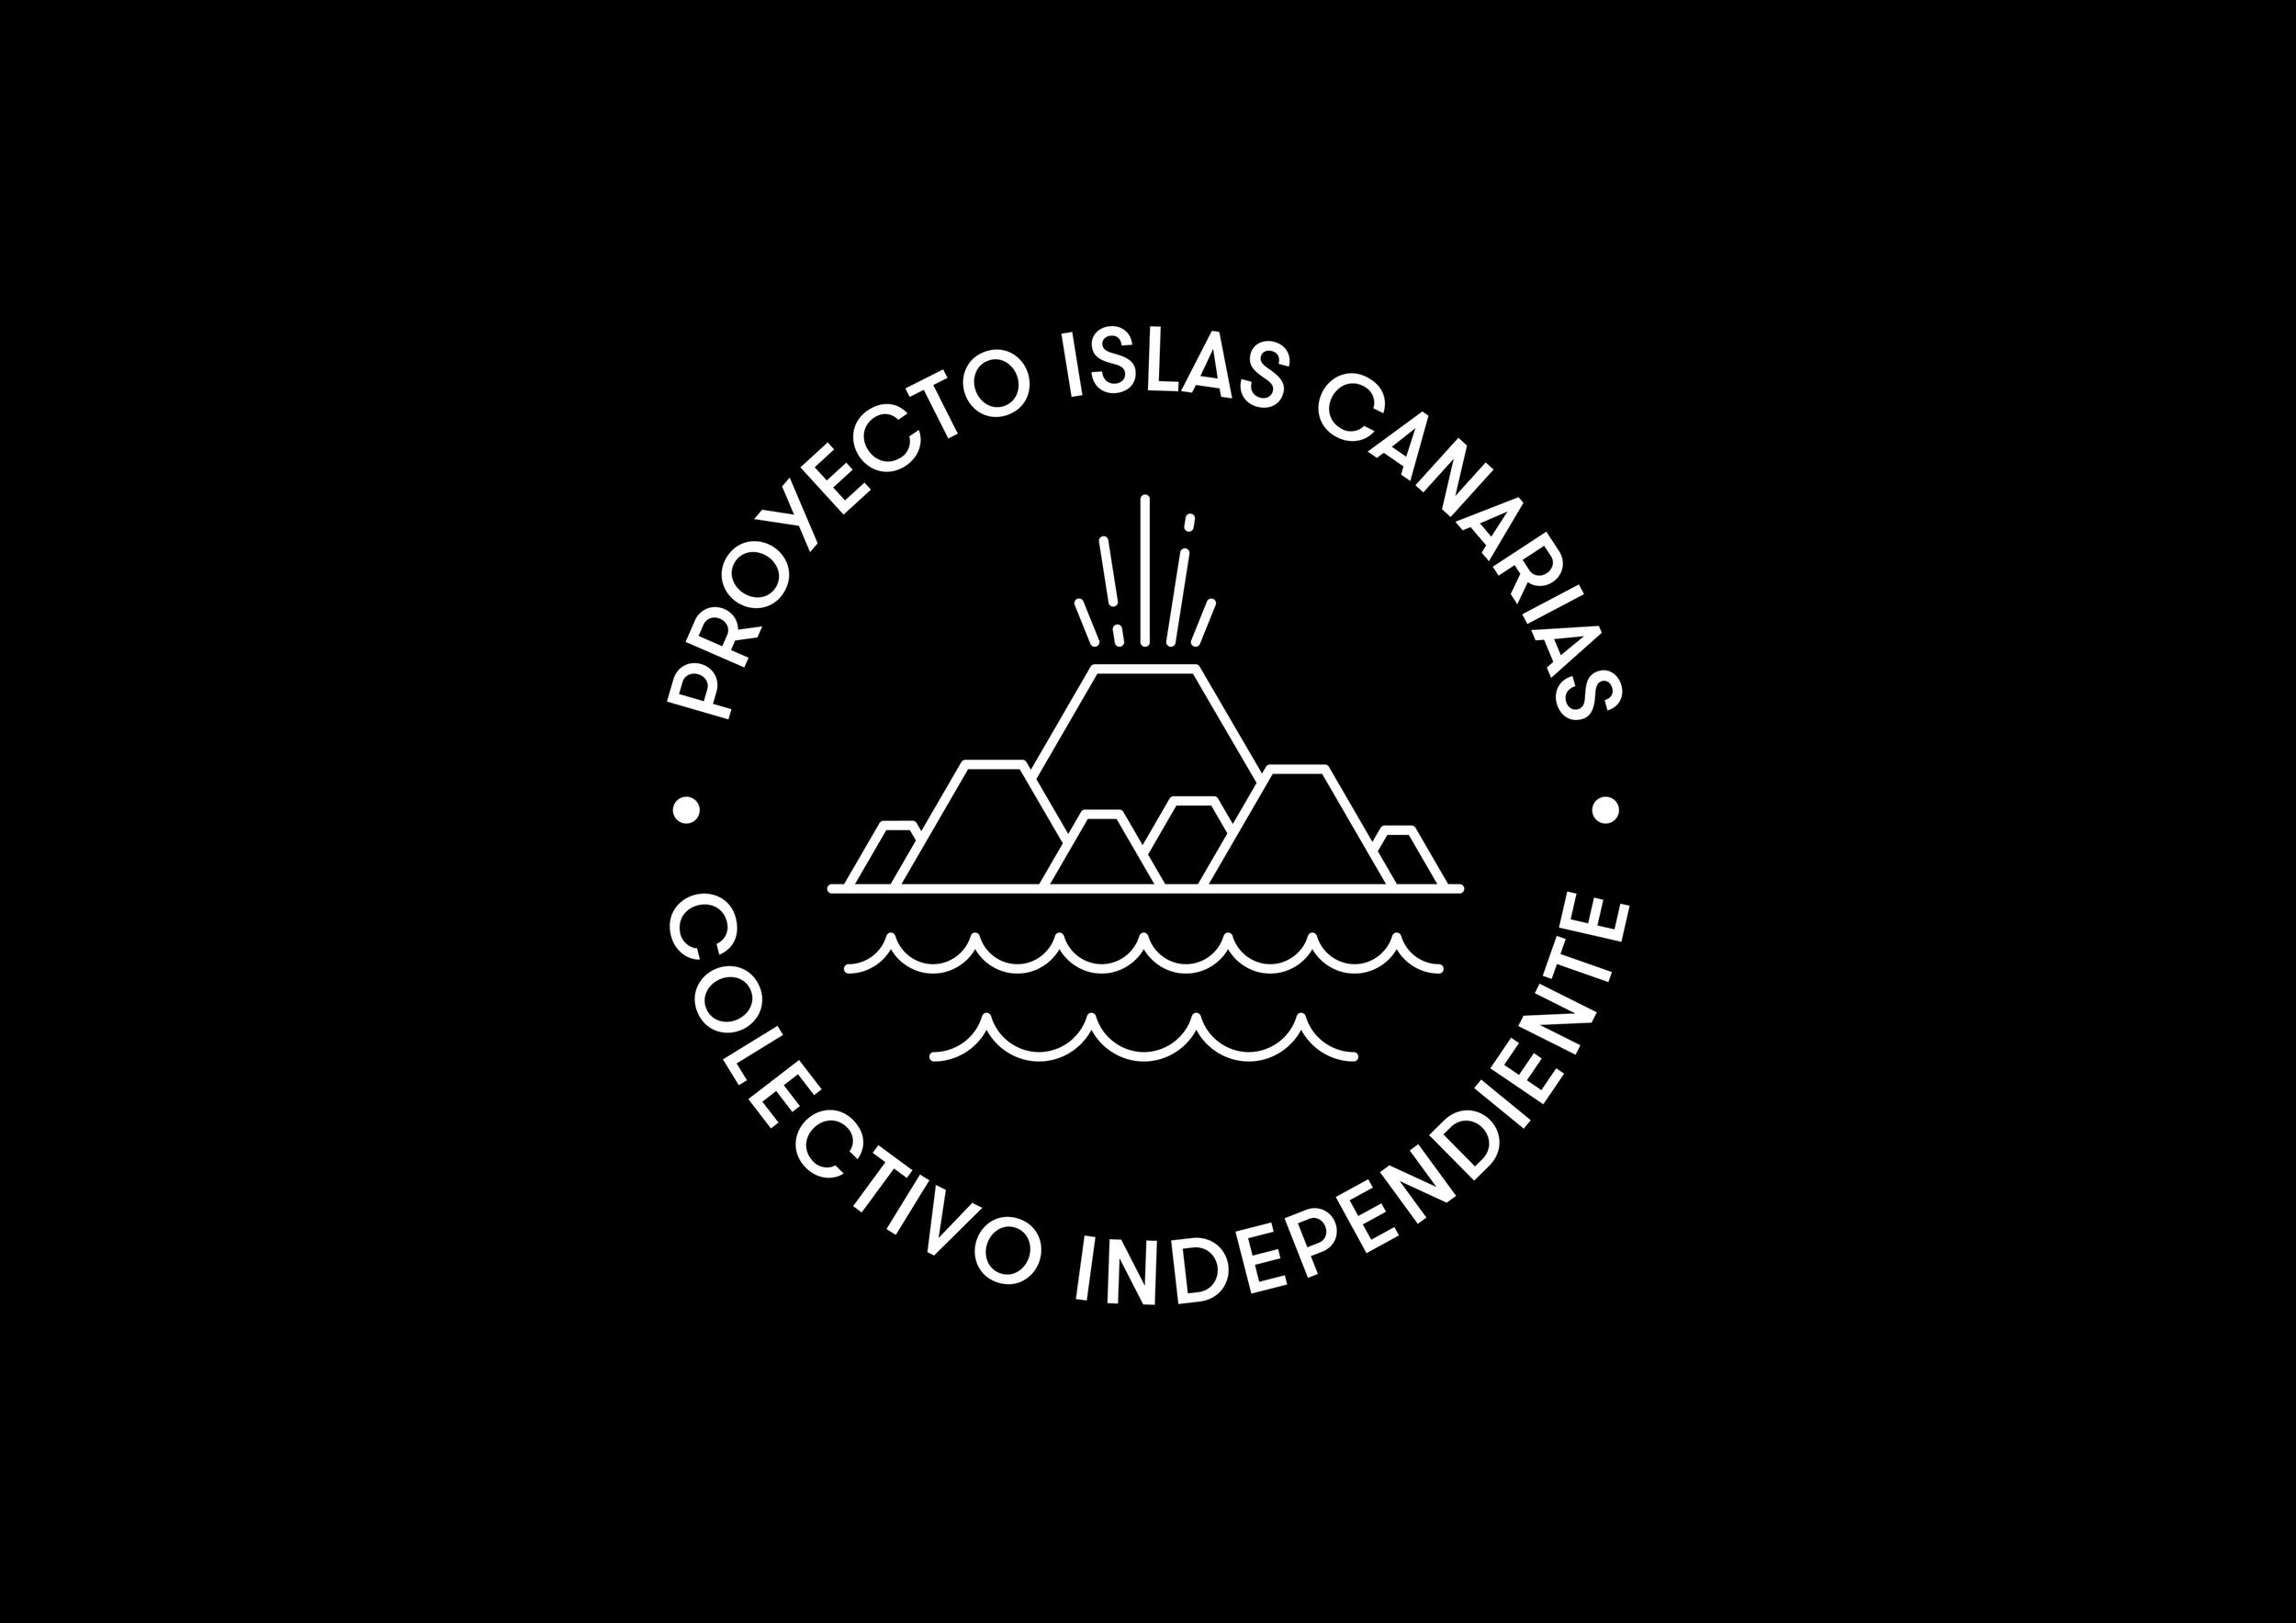 P. Islas Canarias